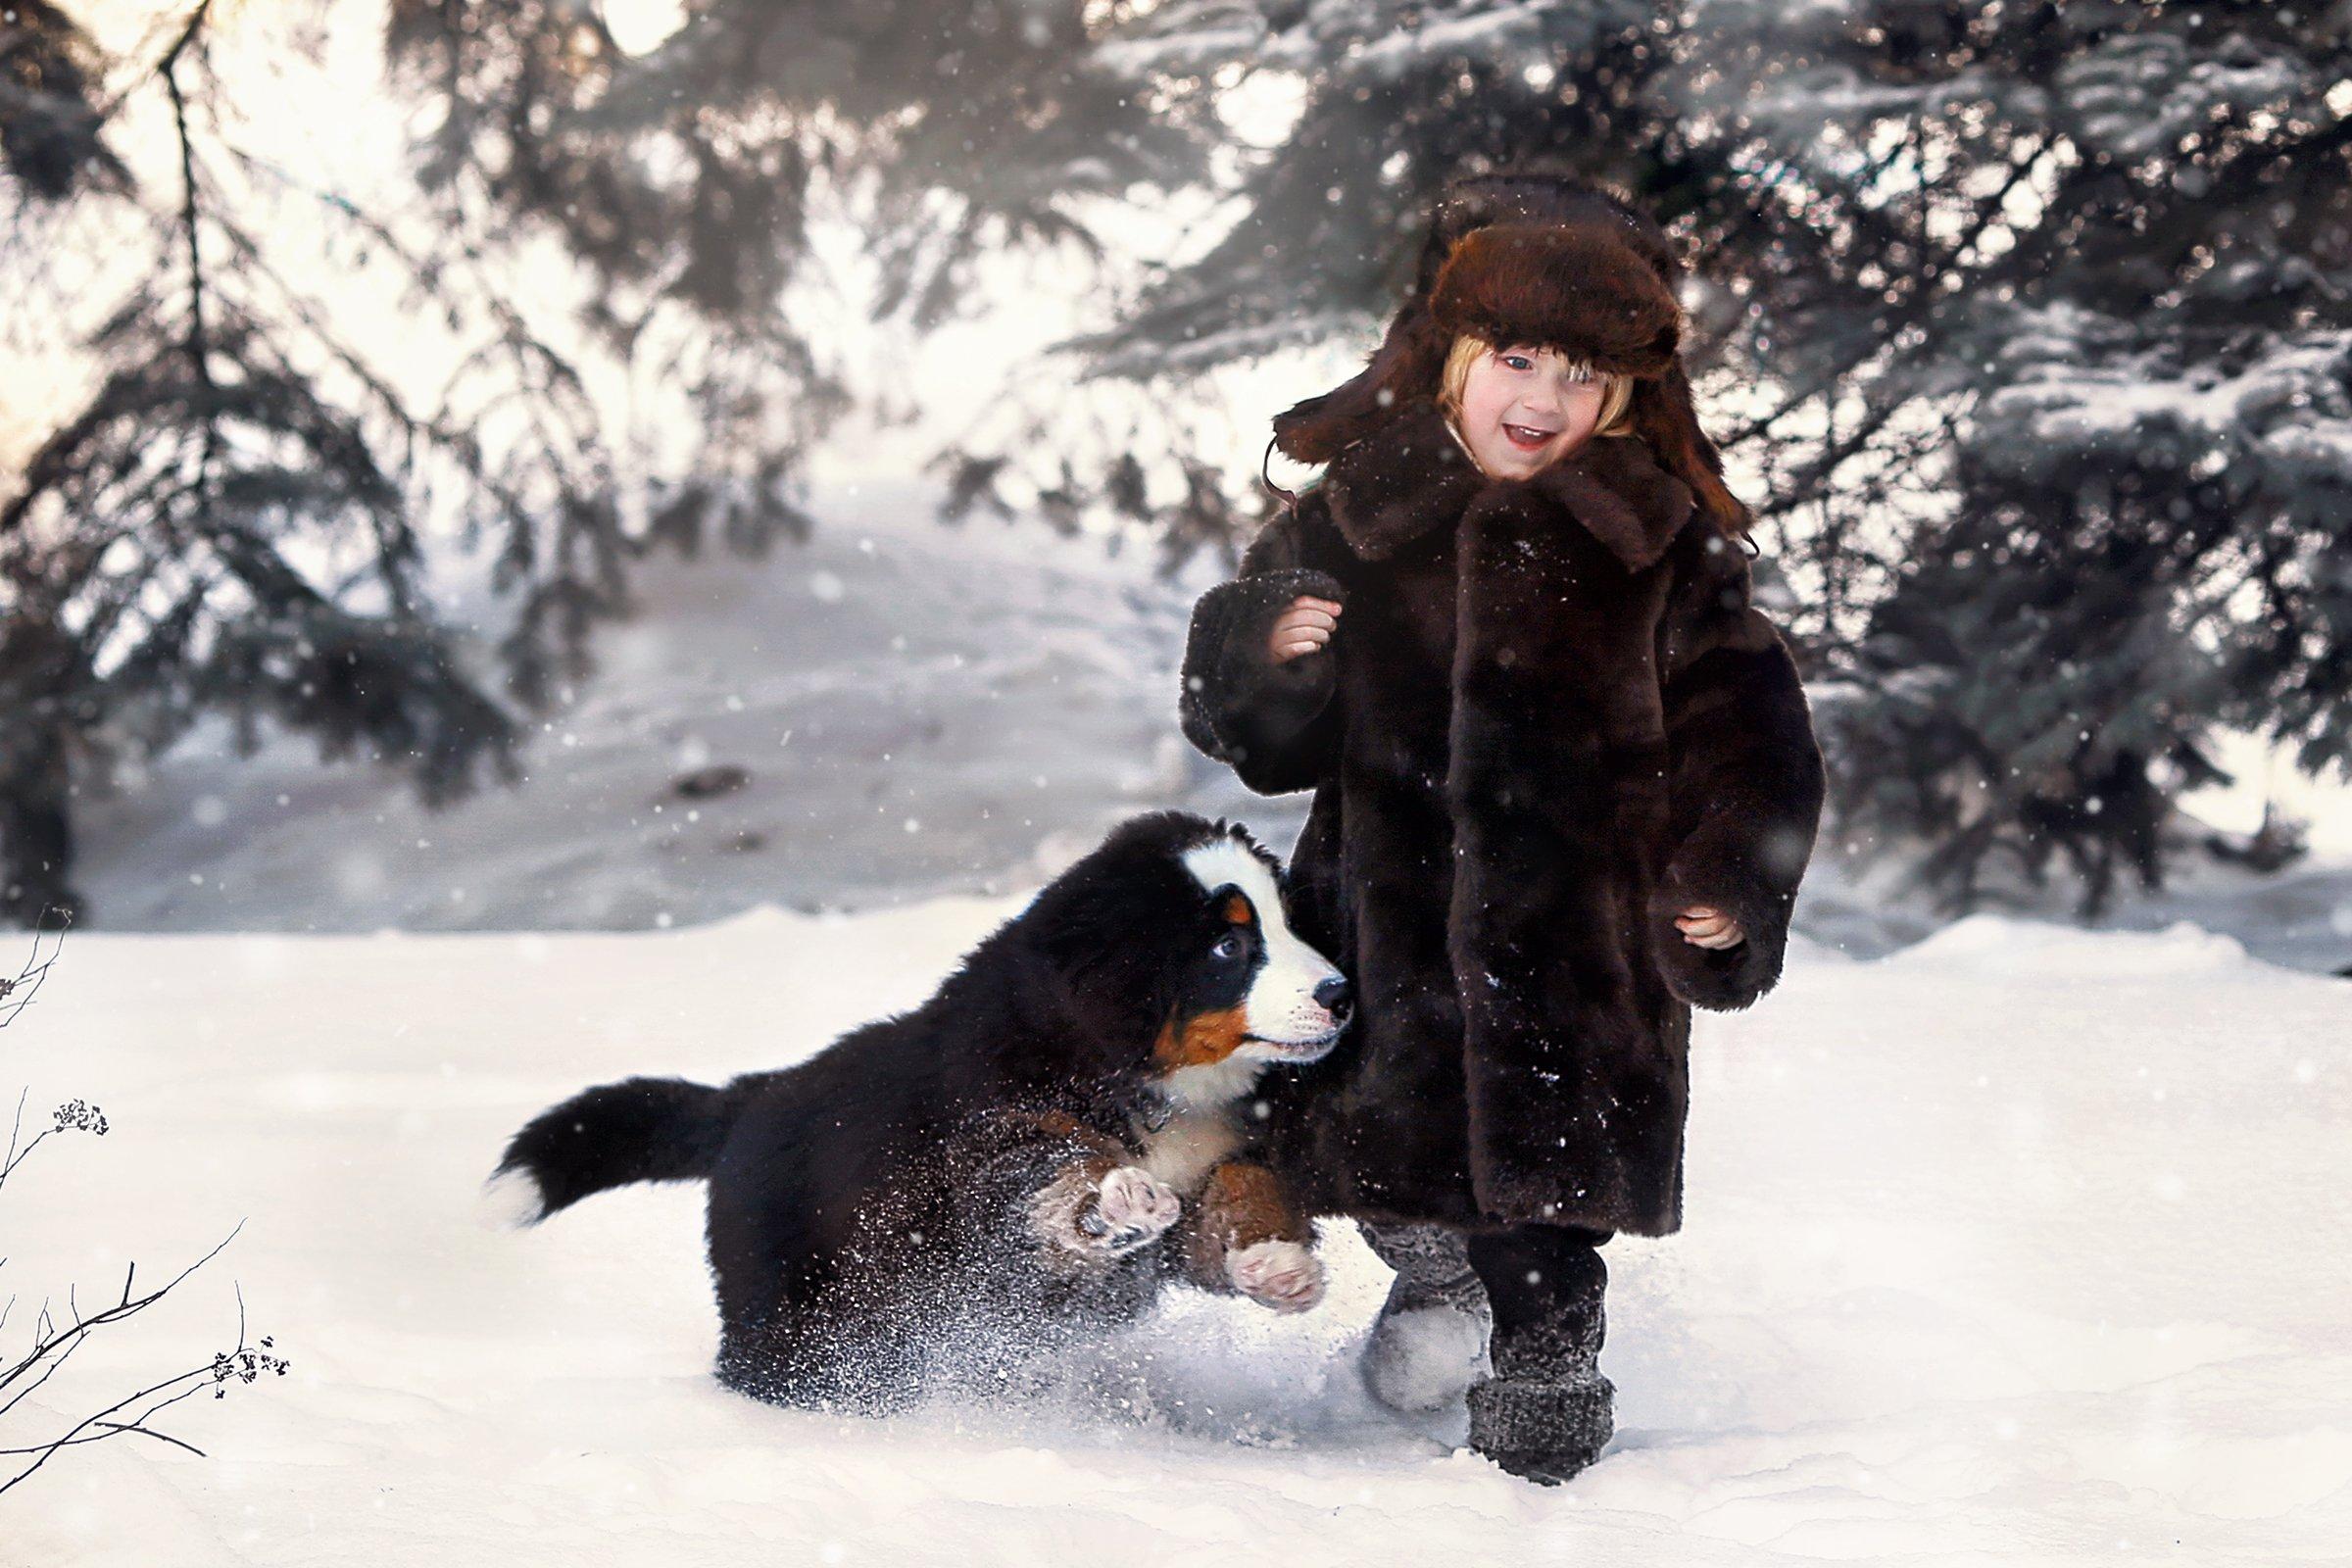 мальчик собака зима портрет, Валерия Касперова